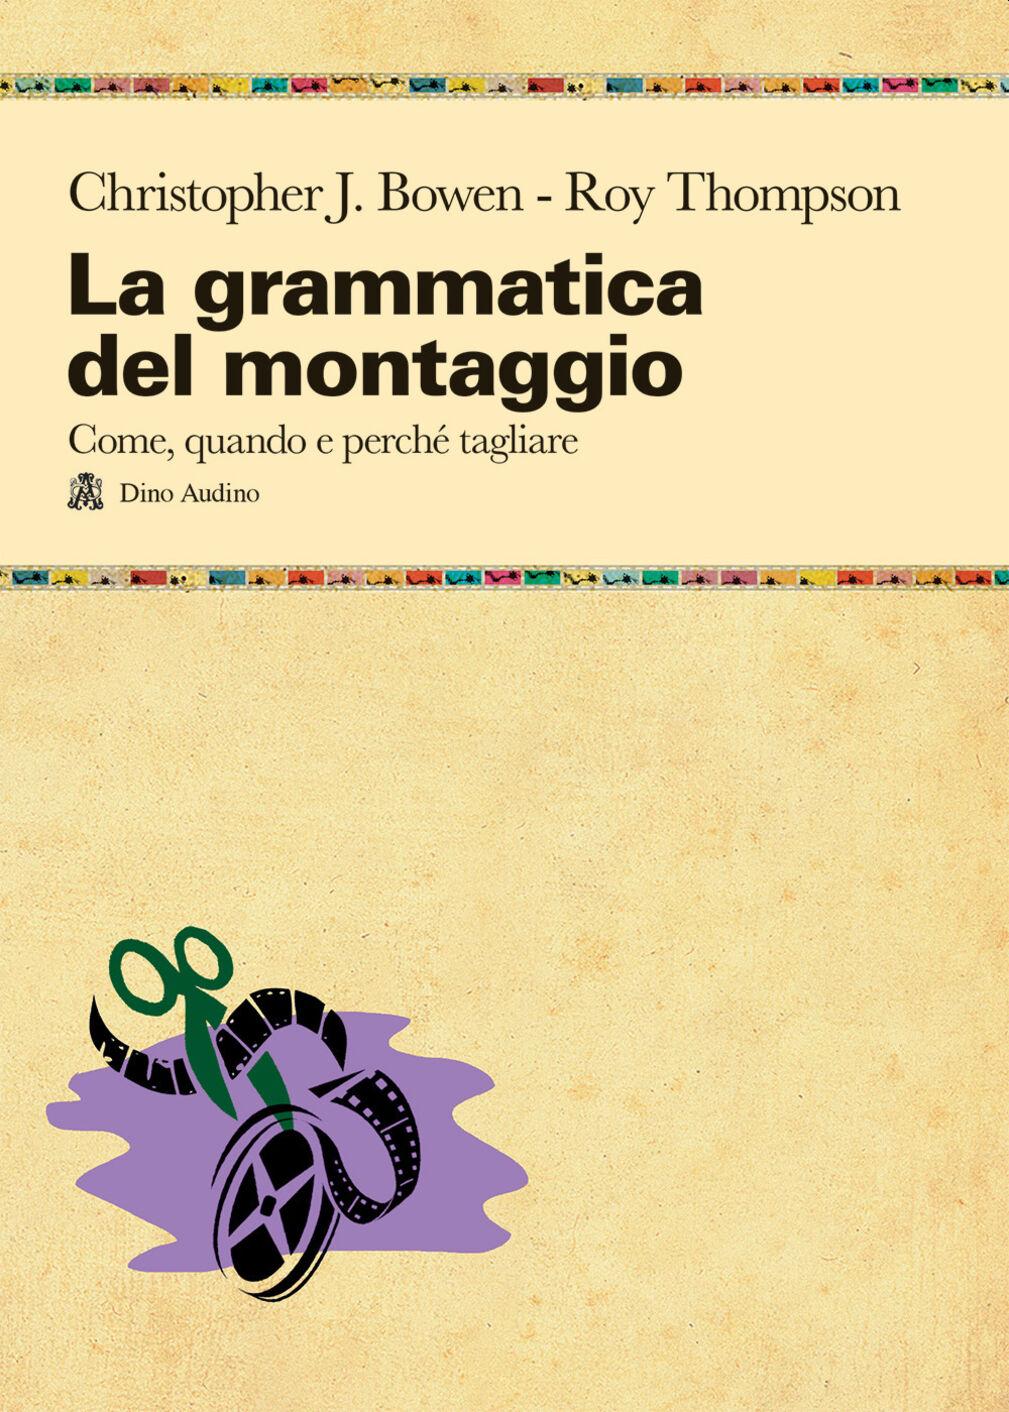 La grammatica del montaggio. Il manuale che spiega quando e perché tagliare